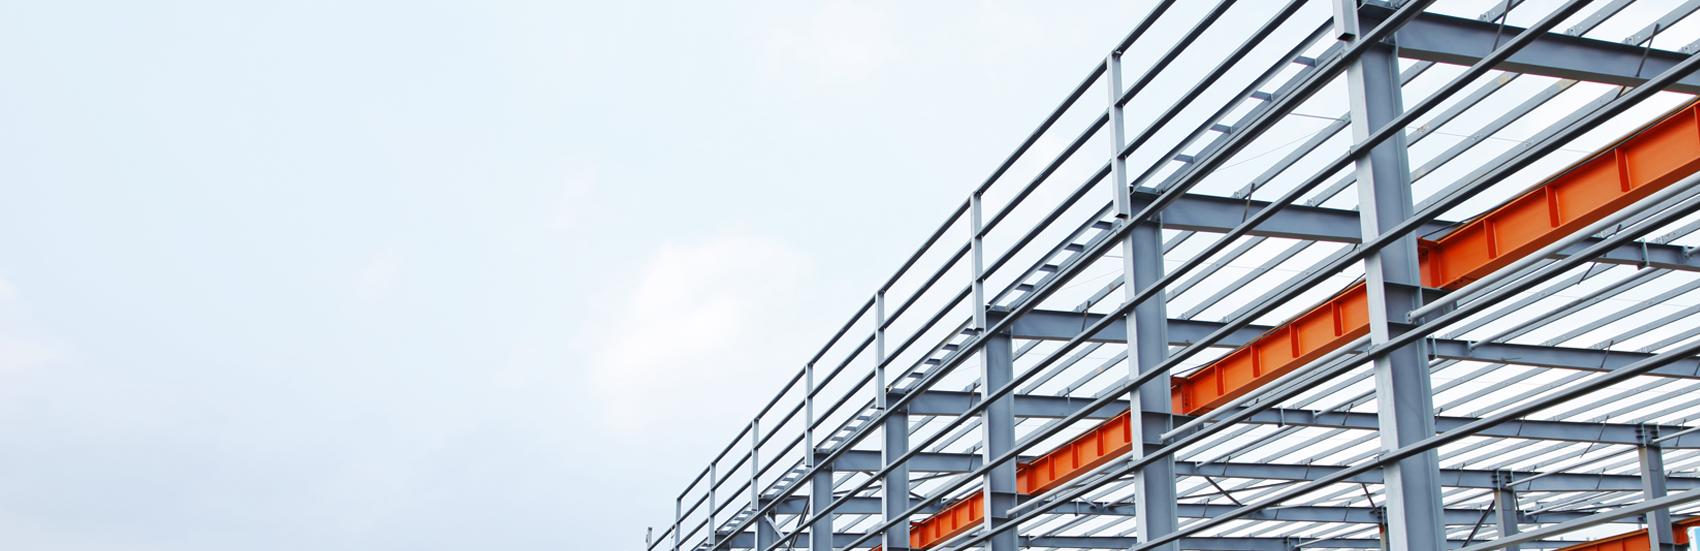 STRUMIS - Oprogramowanie dla producentów konstrukcji stalowych